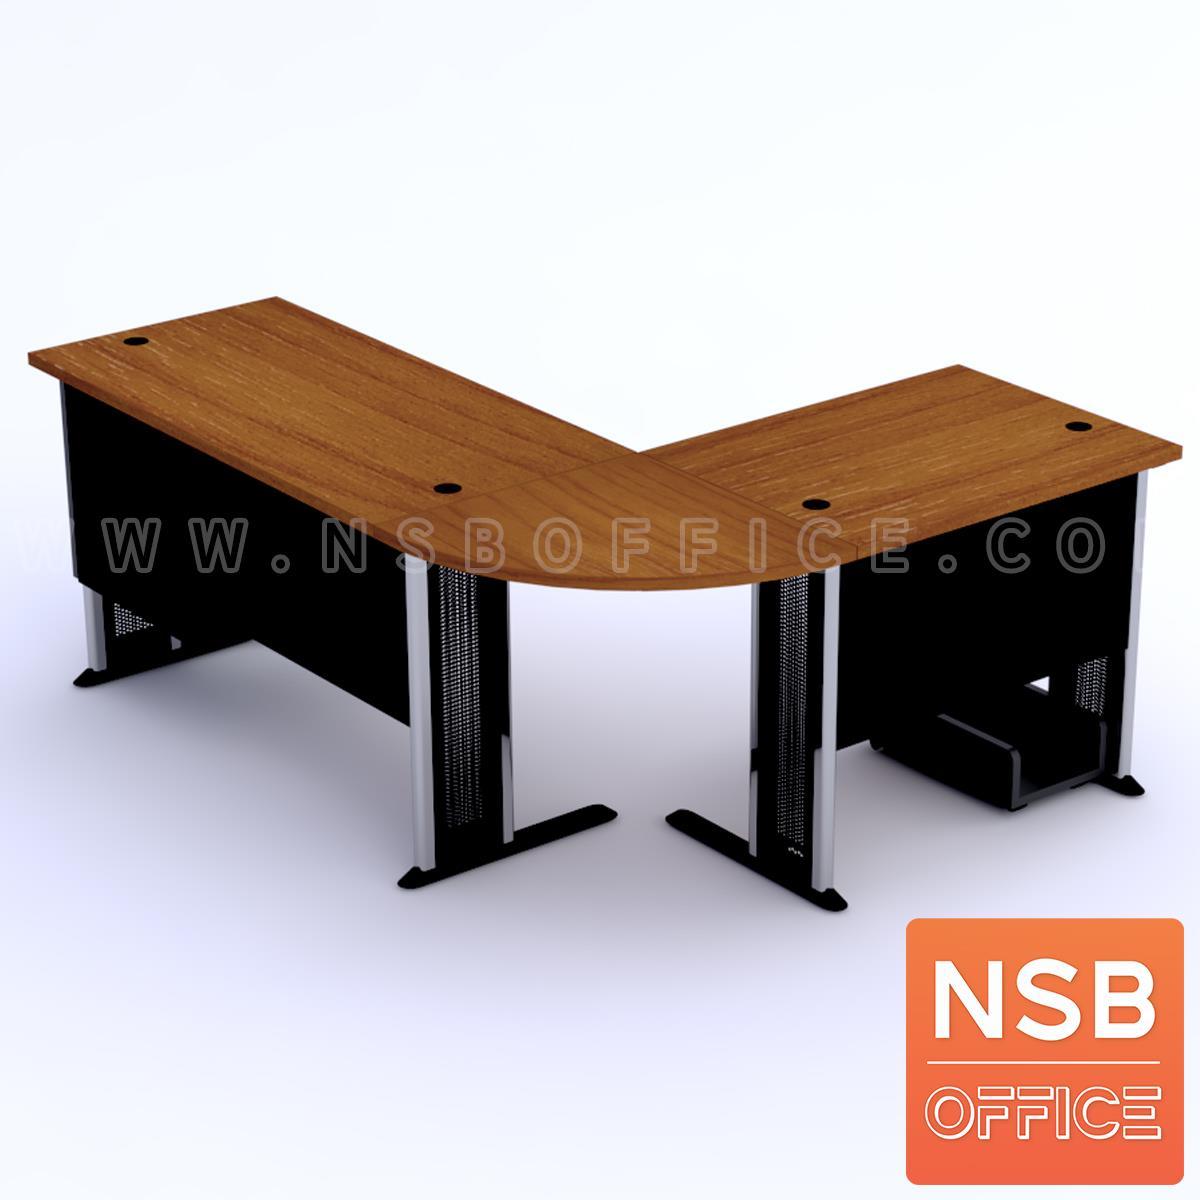 โต๊ะผู้บริหารตัวแอลหัวโค้ง  รุ่น Orbit (ออบิต) ขนาด 180W1*140W2 cm. ขาเหล็กโครเมี่ยมดำ สีเชอร์รี่ดำ